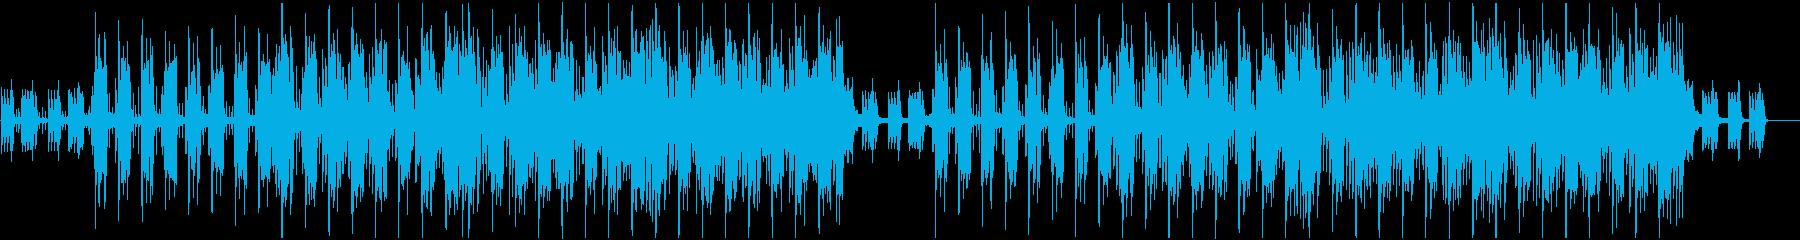 楽しいオープニング動画!ピアノ&金管の再生済みの波形